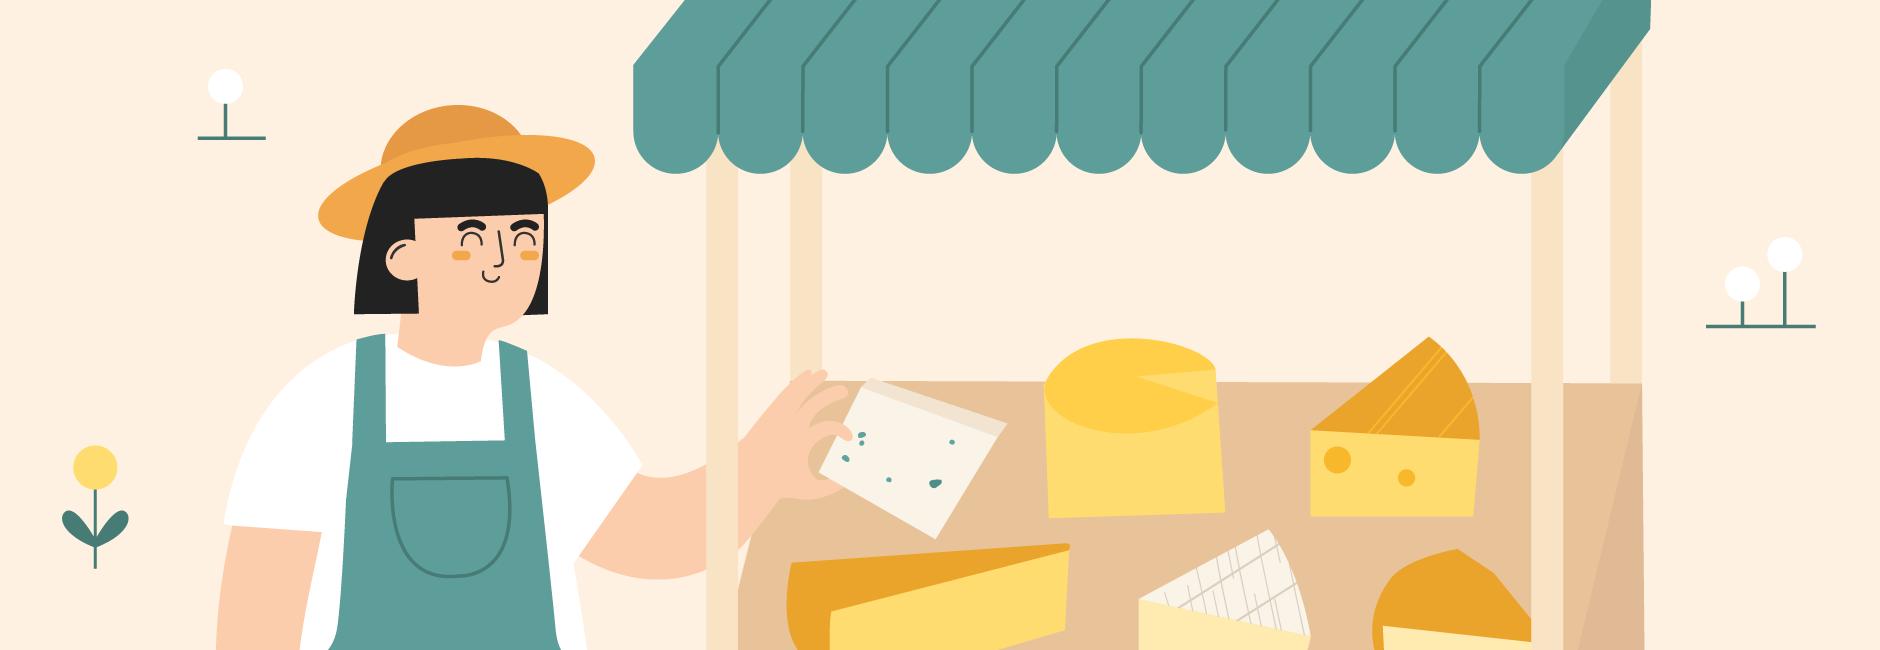 Grafik eines Bauern mit einem Käsewagen und einer Kuh